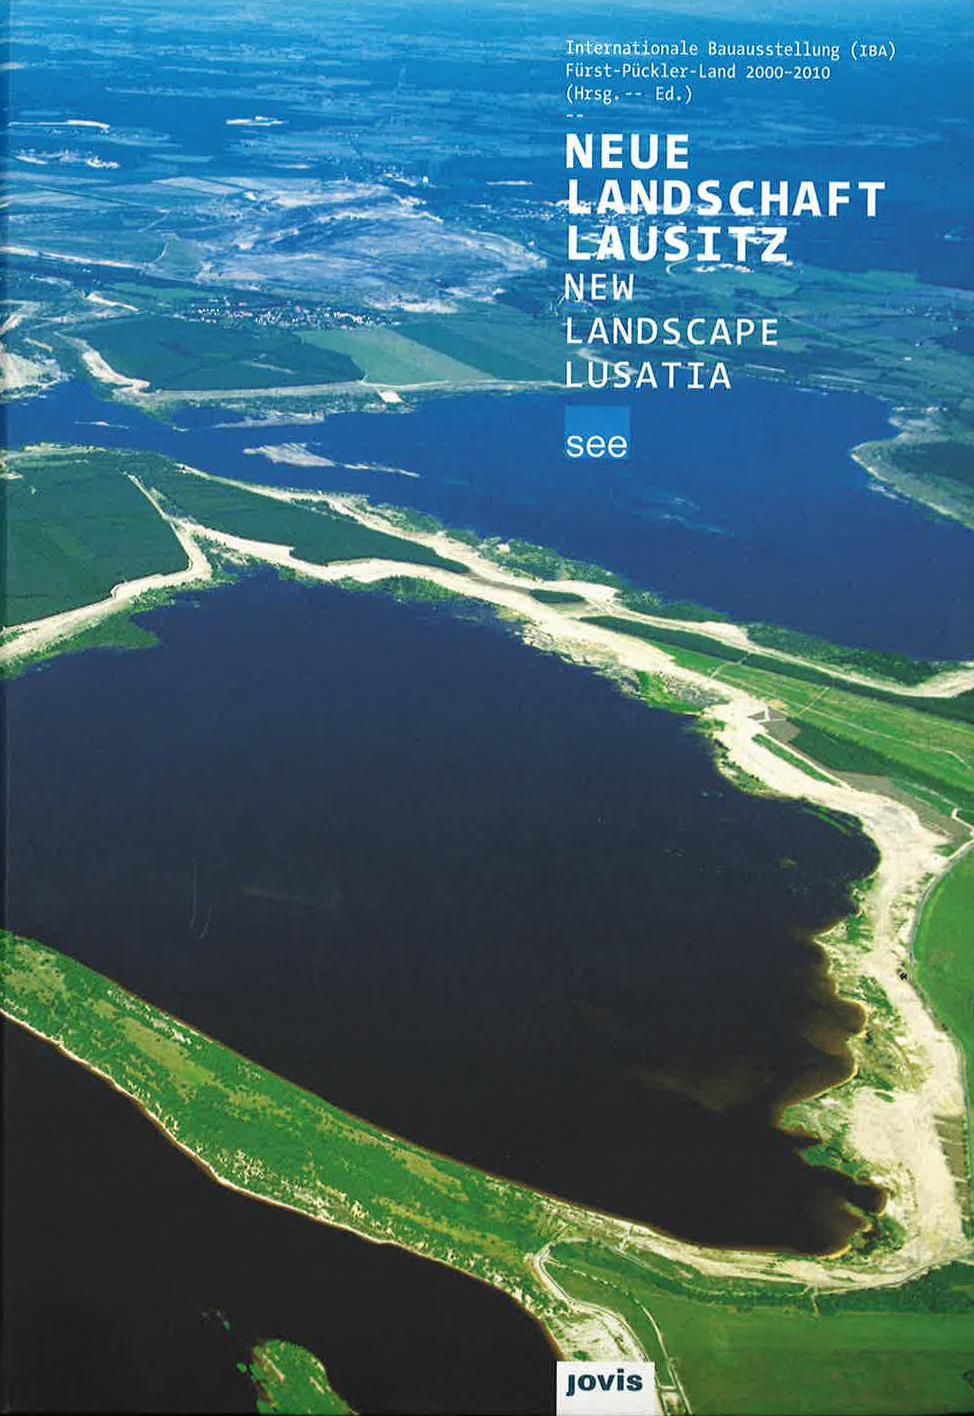 Neue Landschaft Lausitz Internationale Bauaustellung (IBA), Fürst-Pückler-Land 2000-2010 (Hrsg. -- Ed.) Katalog Jovis Verlag GmbH, Berlin 2010 ISBN 978-3-86859-042-5